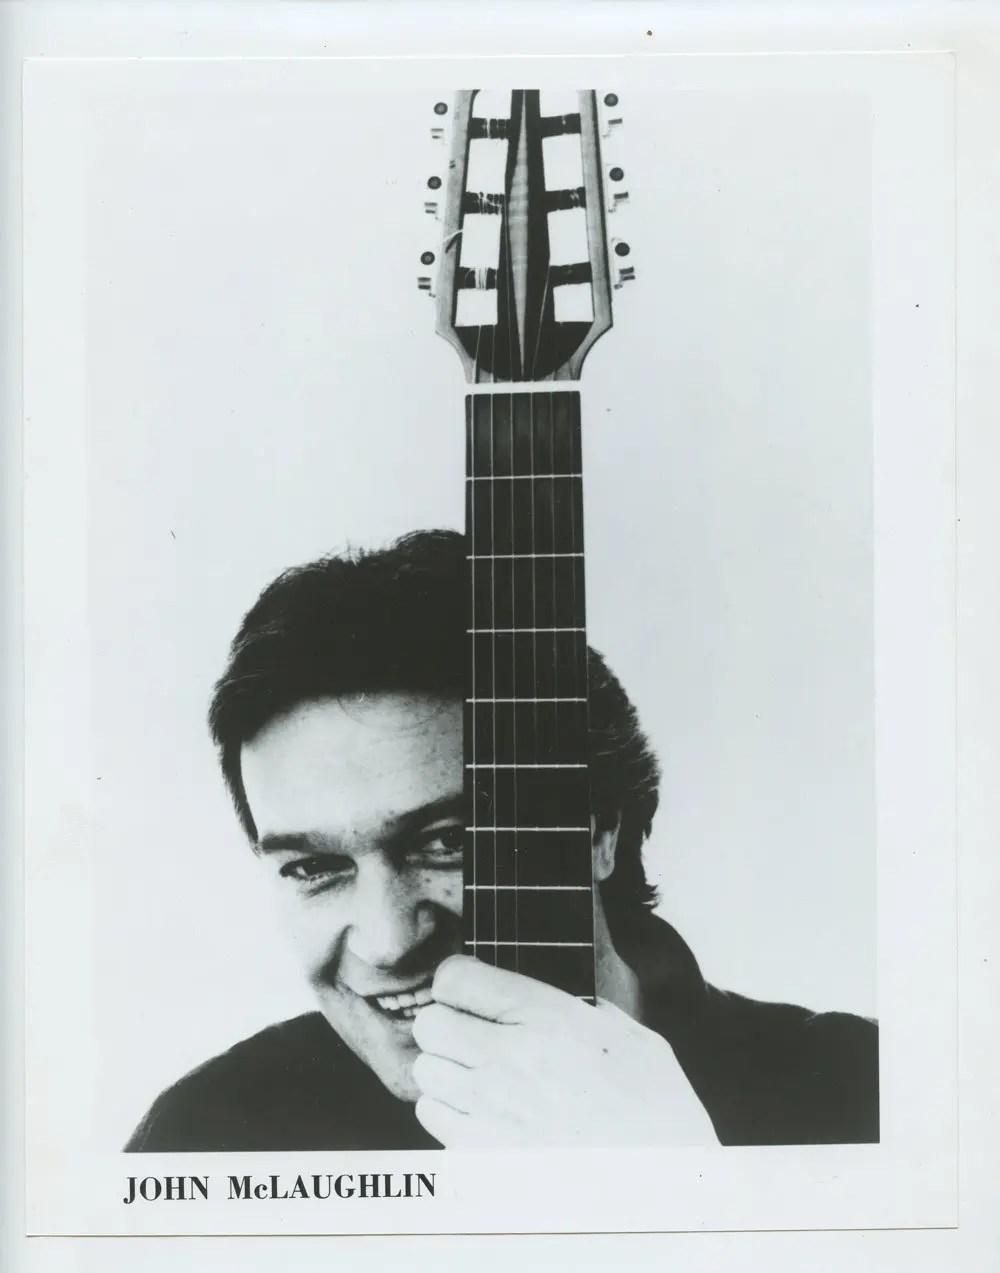 John McLaughlin Photo 1970s Publicity Promo